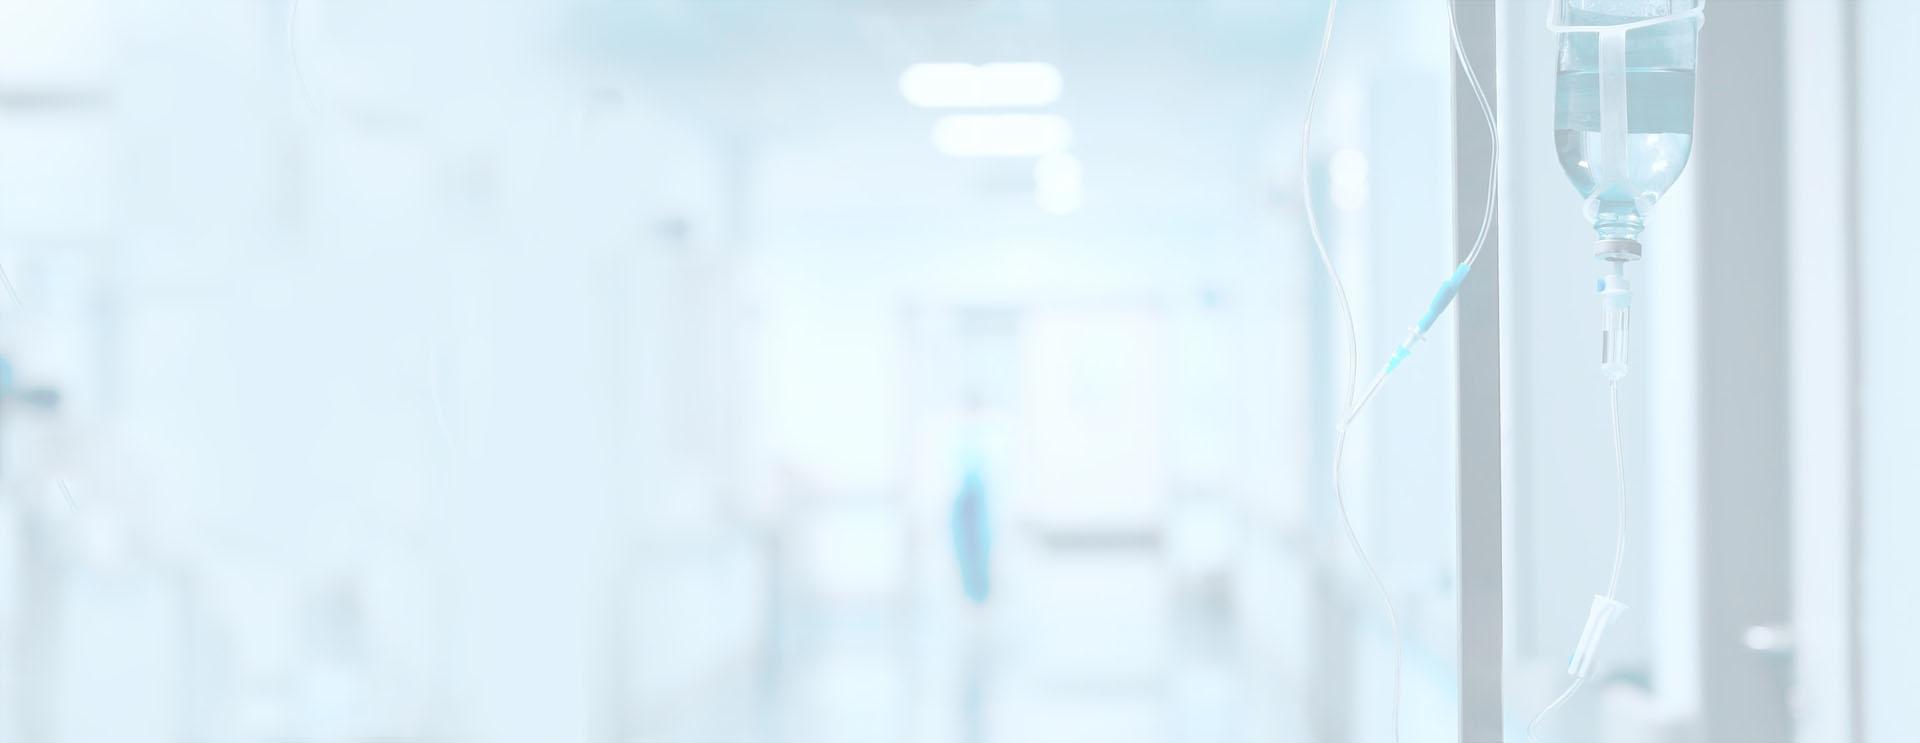 Вывод из запоя в стационаре в Татарске: комплексная помощь врачей клиники